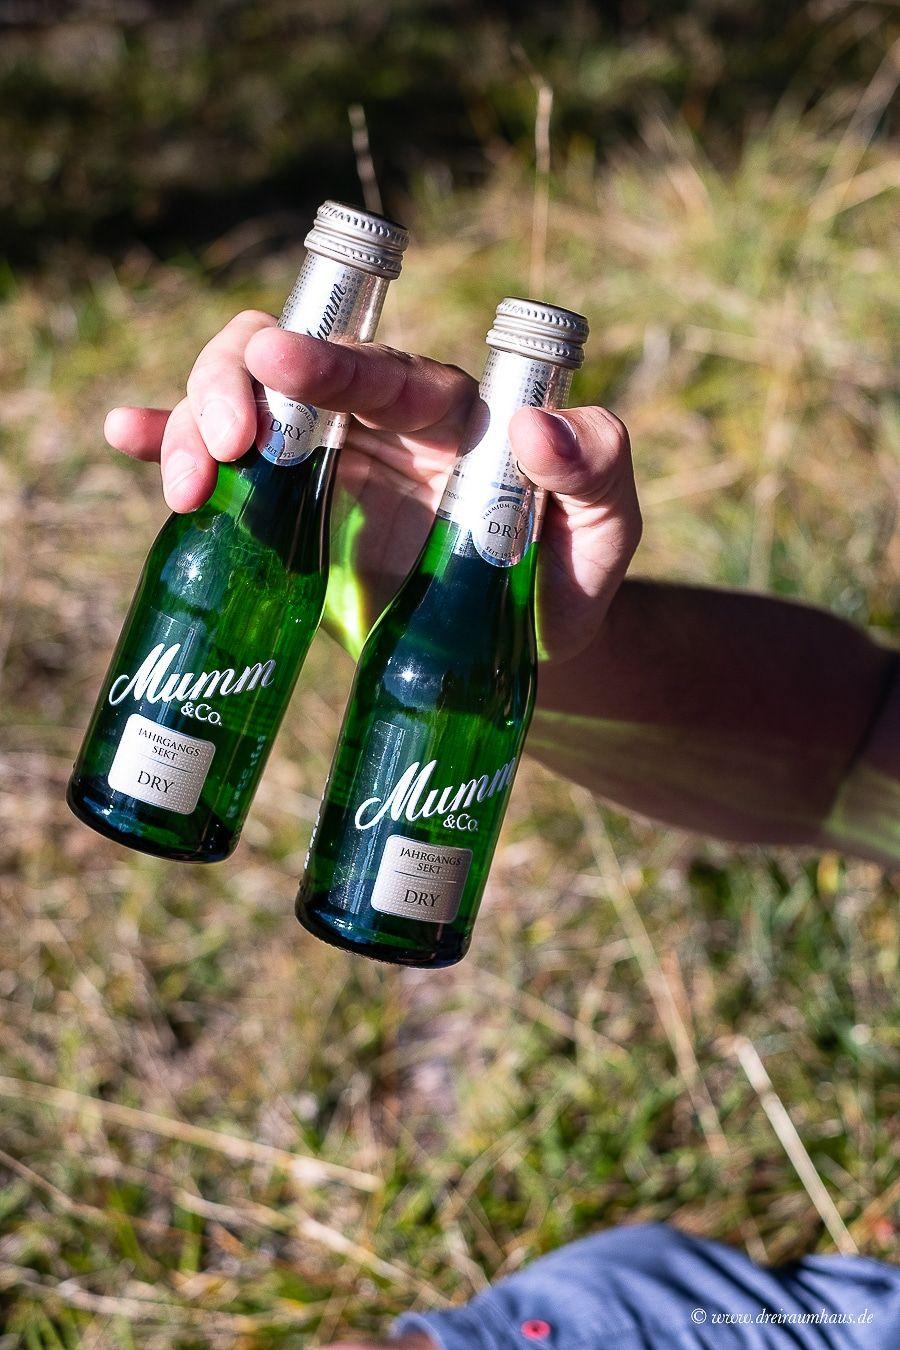 #mummhaben - Man muss anfangen, damit man fertig wird...Eine Geschichte über Mut und Erfolg und ein großartiges Gewinnspiel mit Mumm Sekt! #gewinnspiel